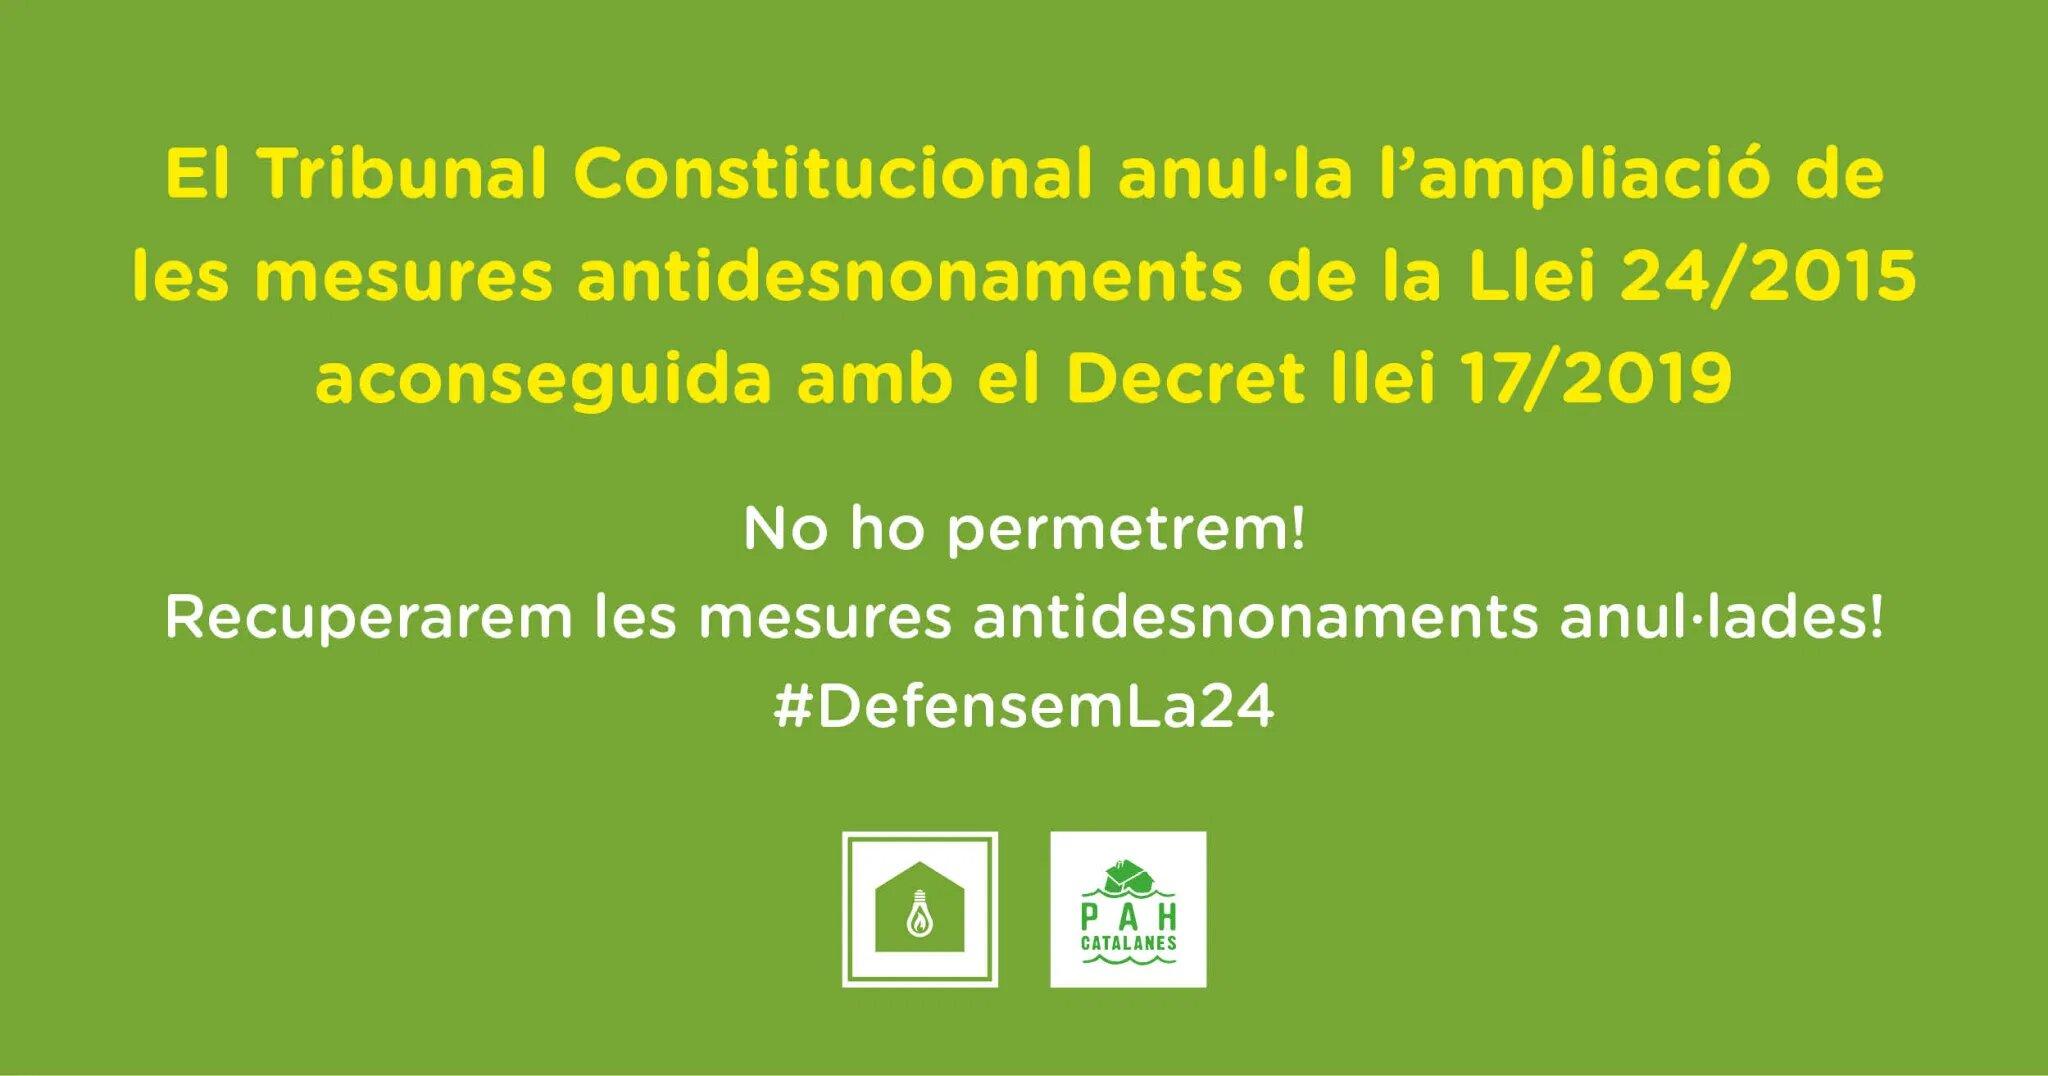 Read more about the article El Tribunal Constitucional anula la ampliación de las medidas antidesahucios de la Ley 24/2015 conseguida con el Decreto ley 17/2019